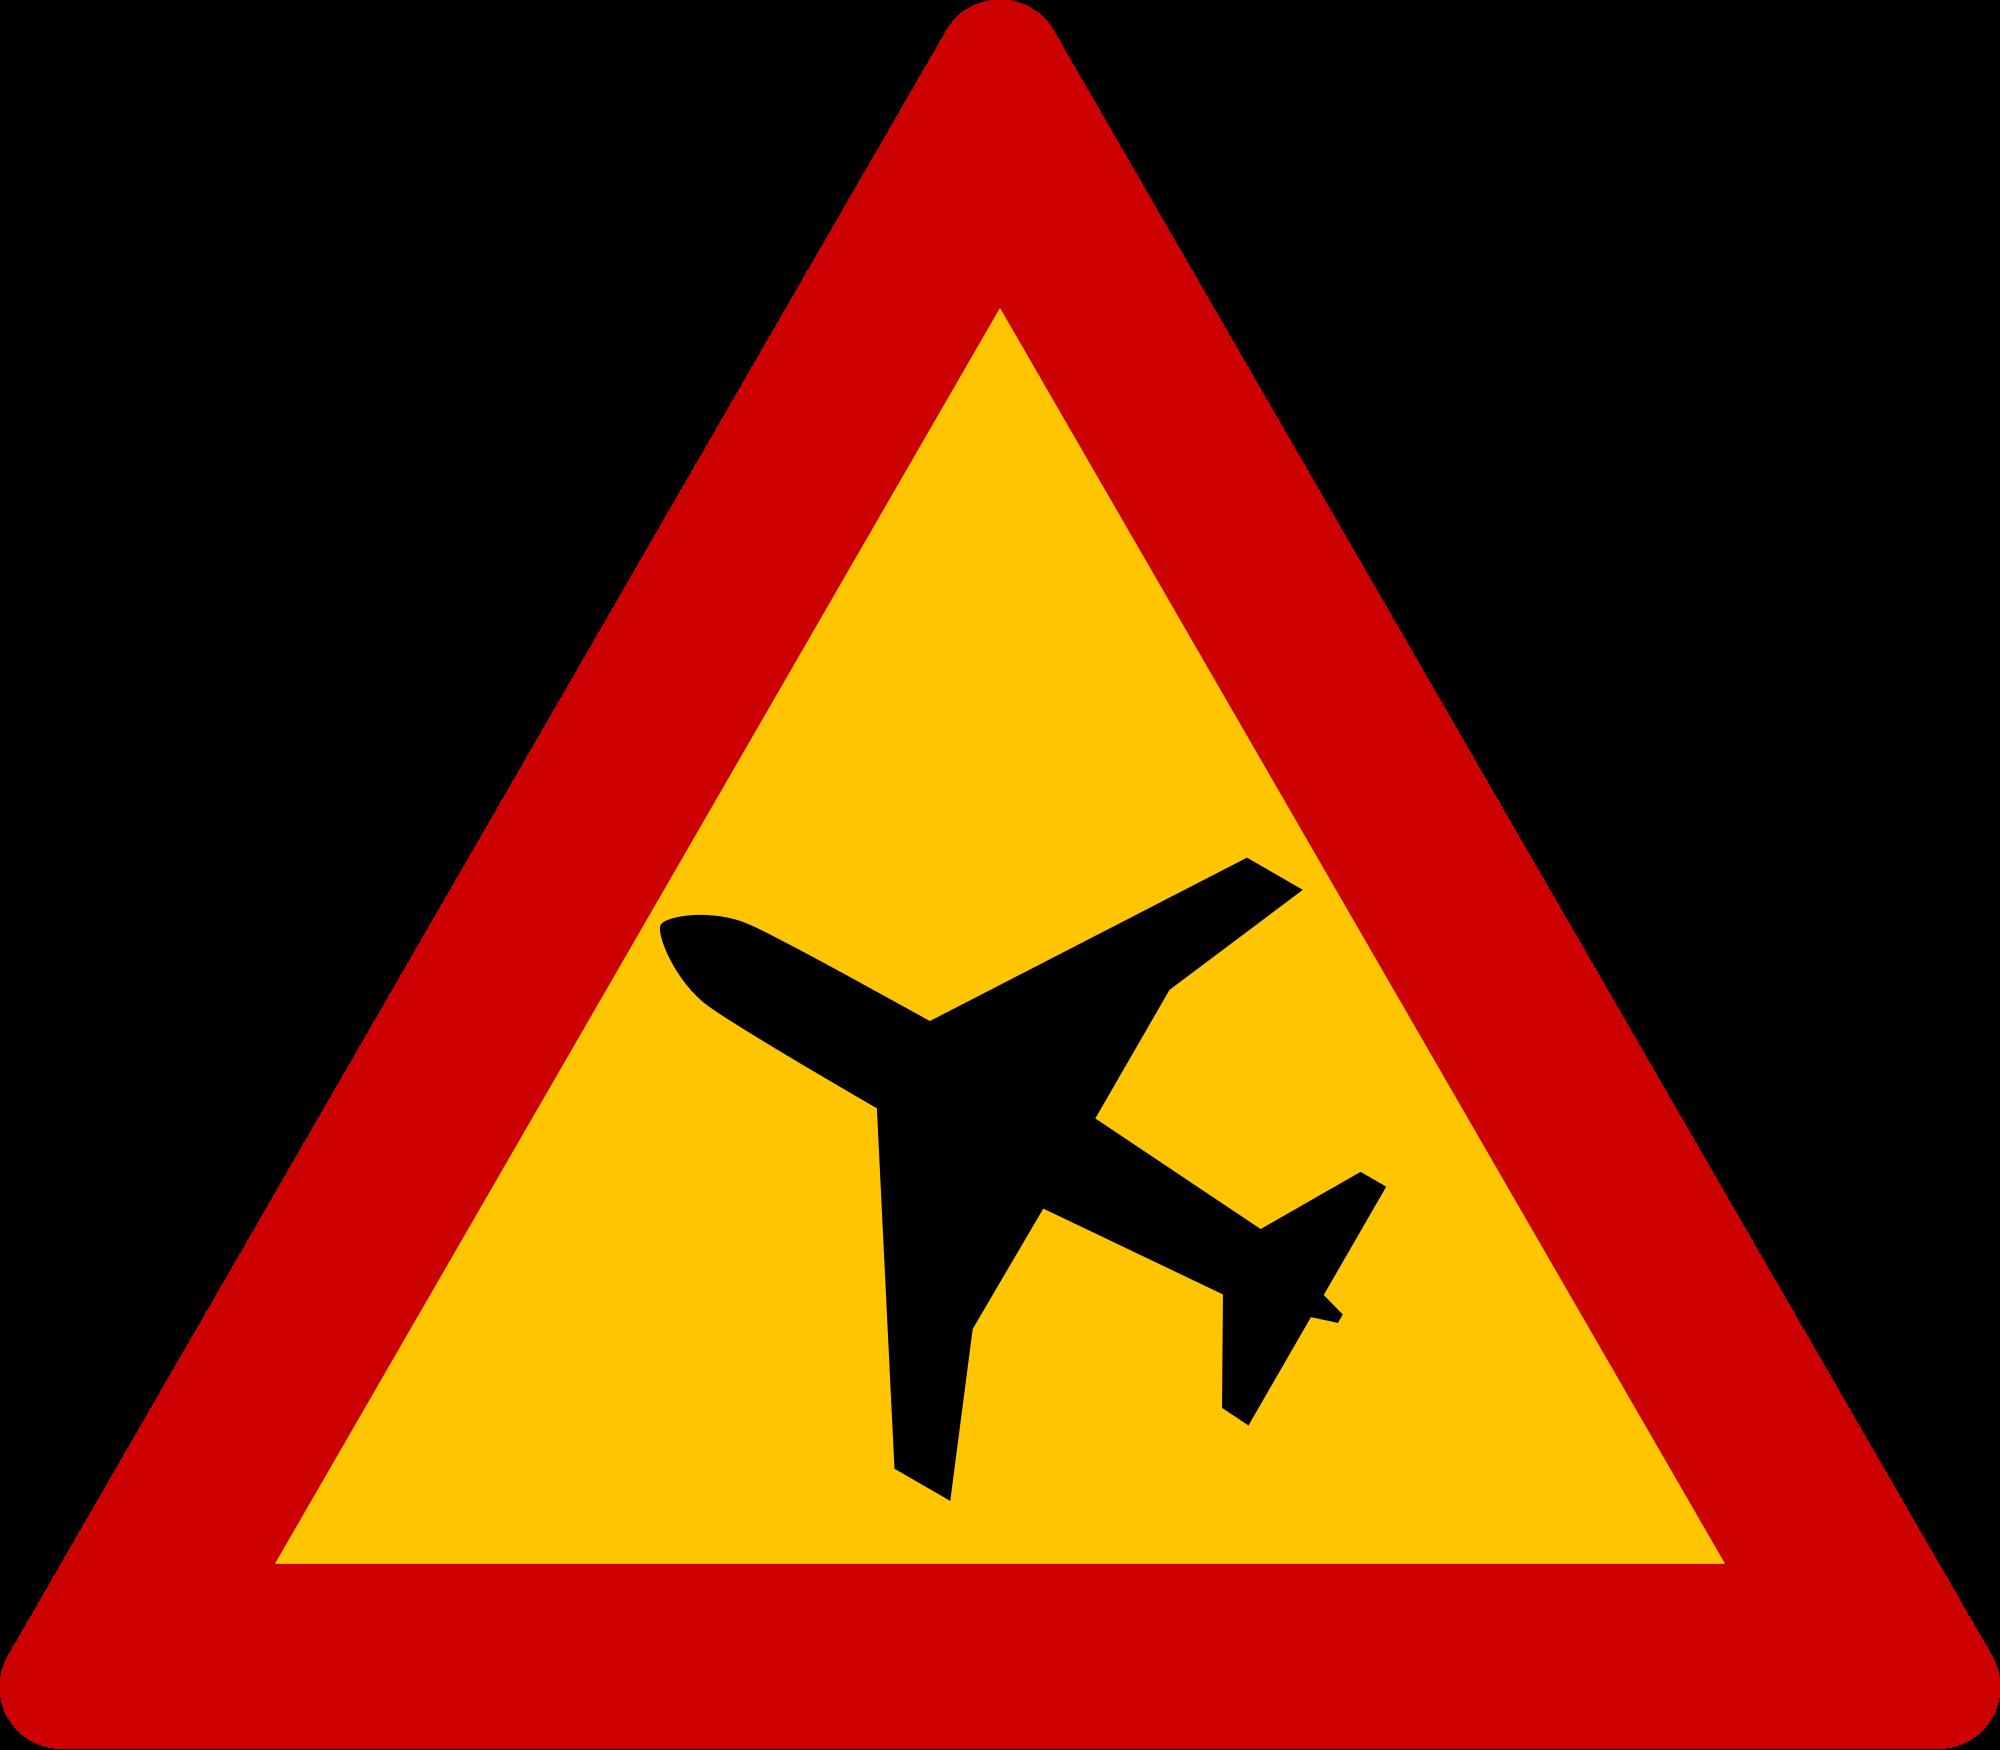 File:Road.